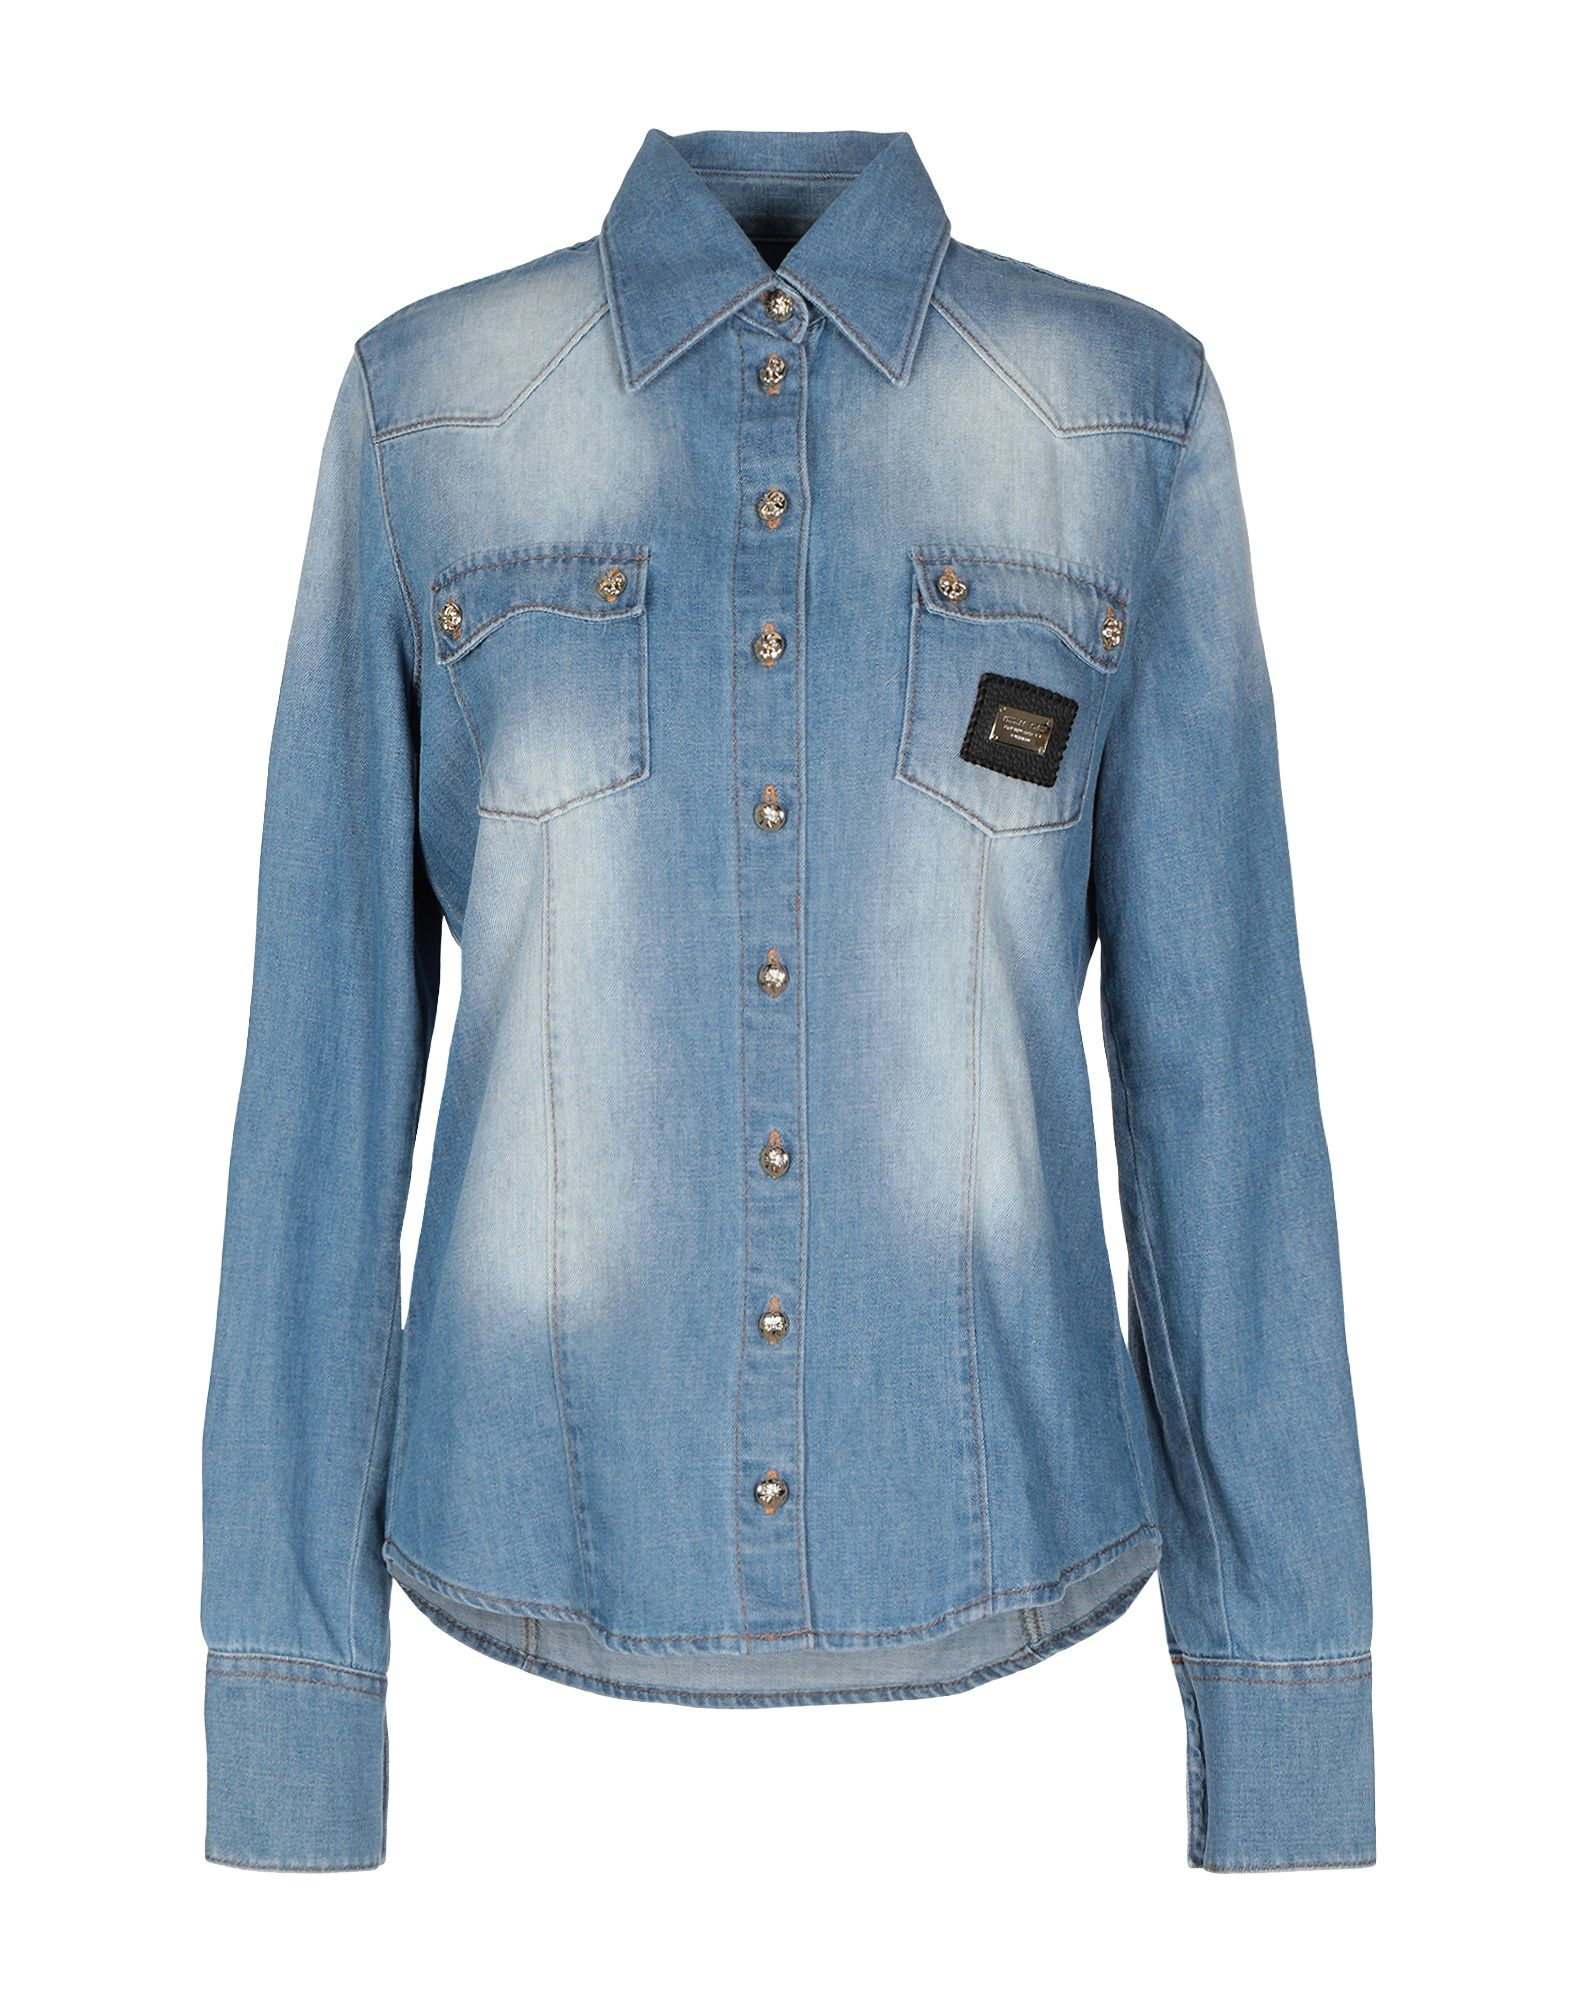 купить PHILIPP PLEIN Джинсовая рубашка по цене 29100 рублей